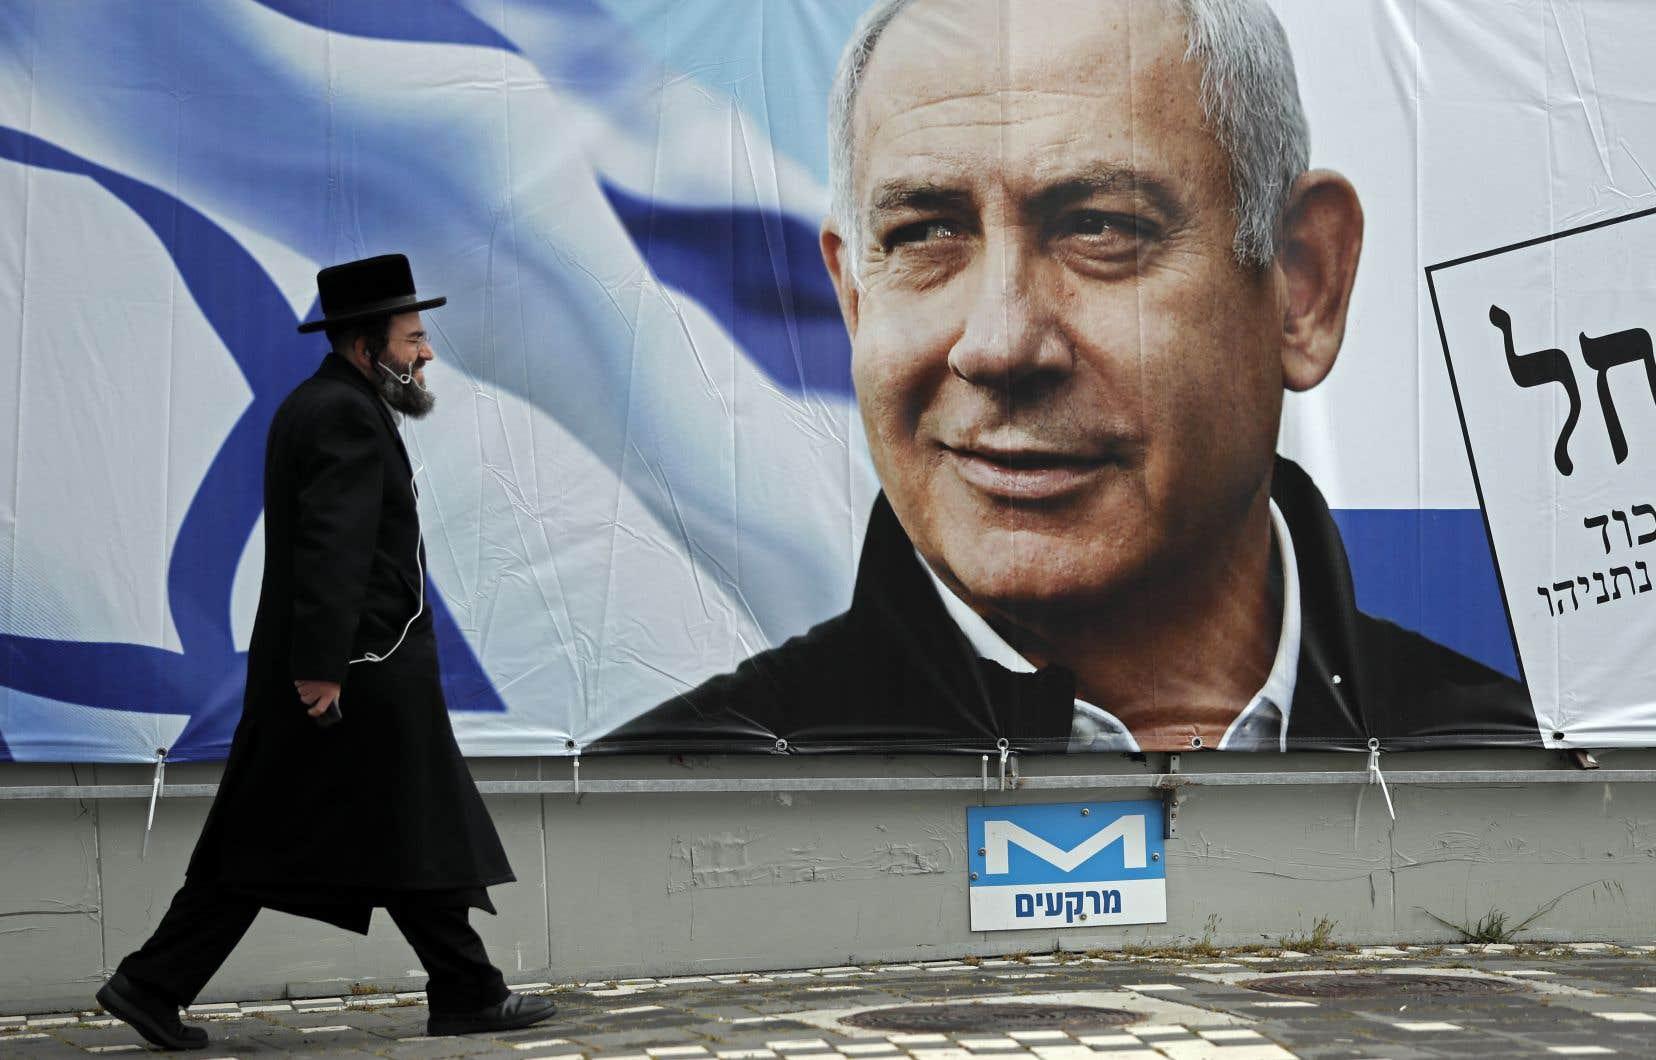 Selon le premier ministre Nétanyahou, le projet d'annexion est «suspendu temporairement», mais «demeure sur la table», une position contredite par Jared Kushner, l'architecte du plan de paix Trump.